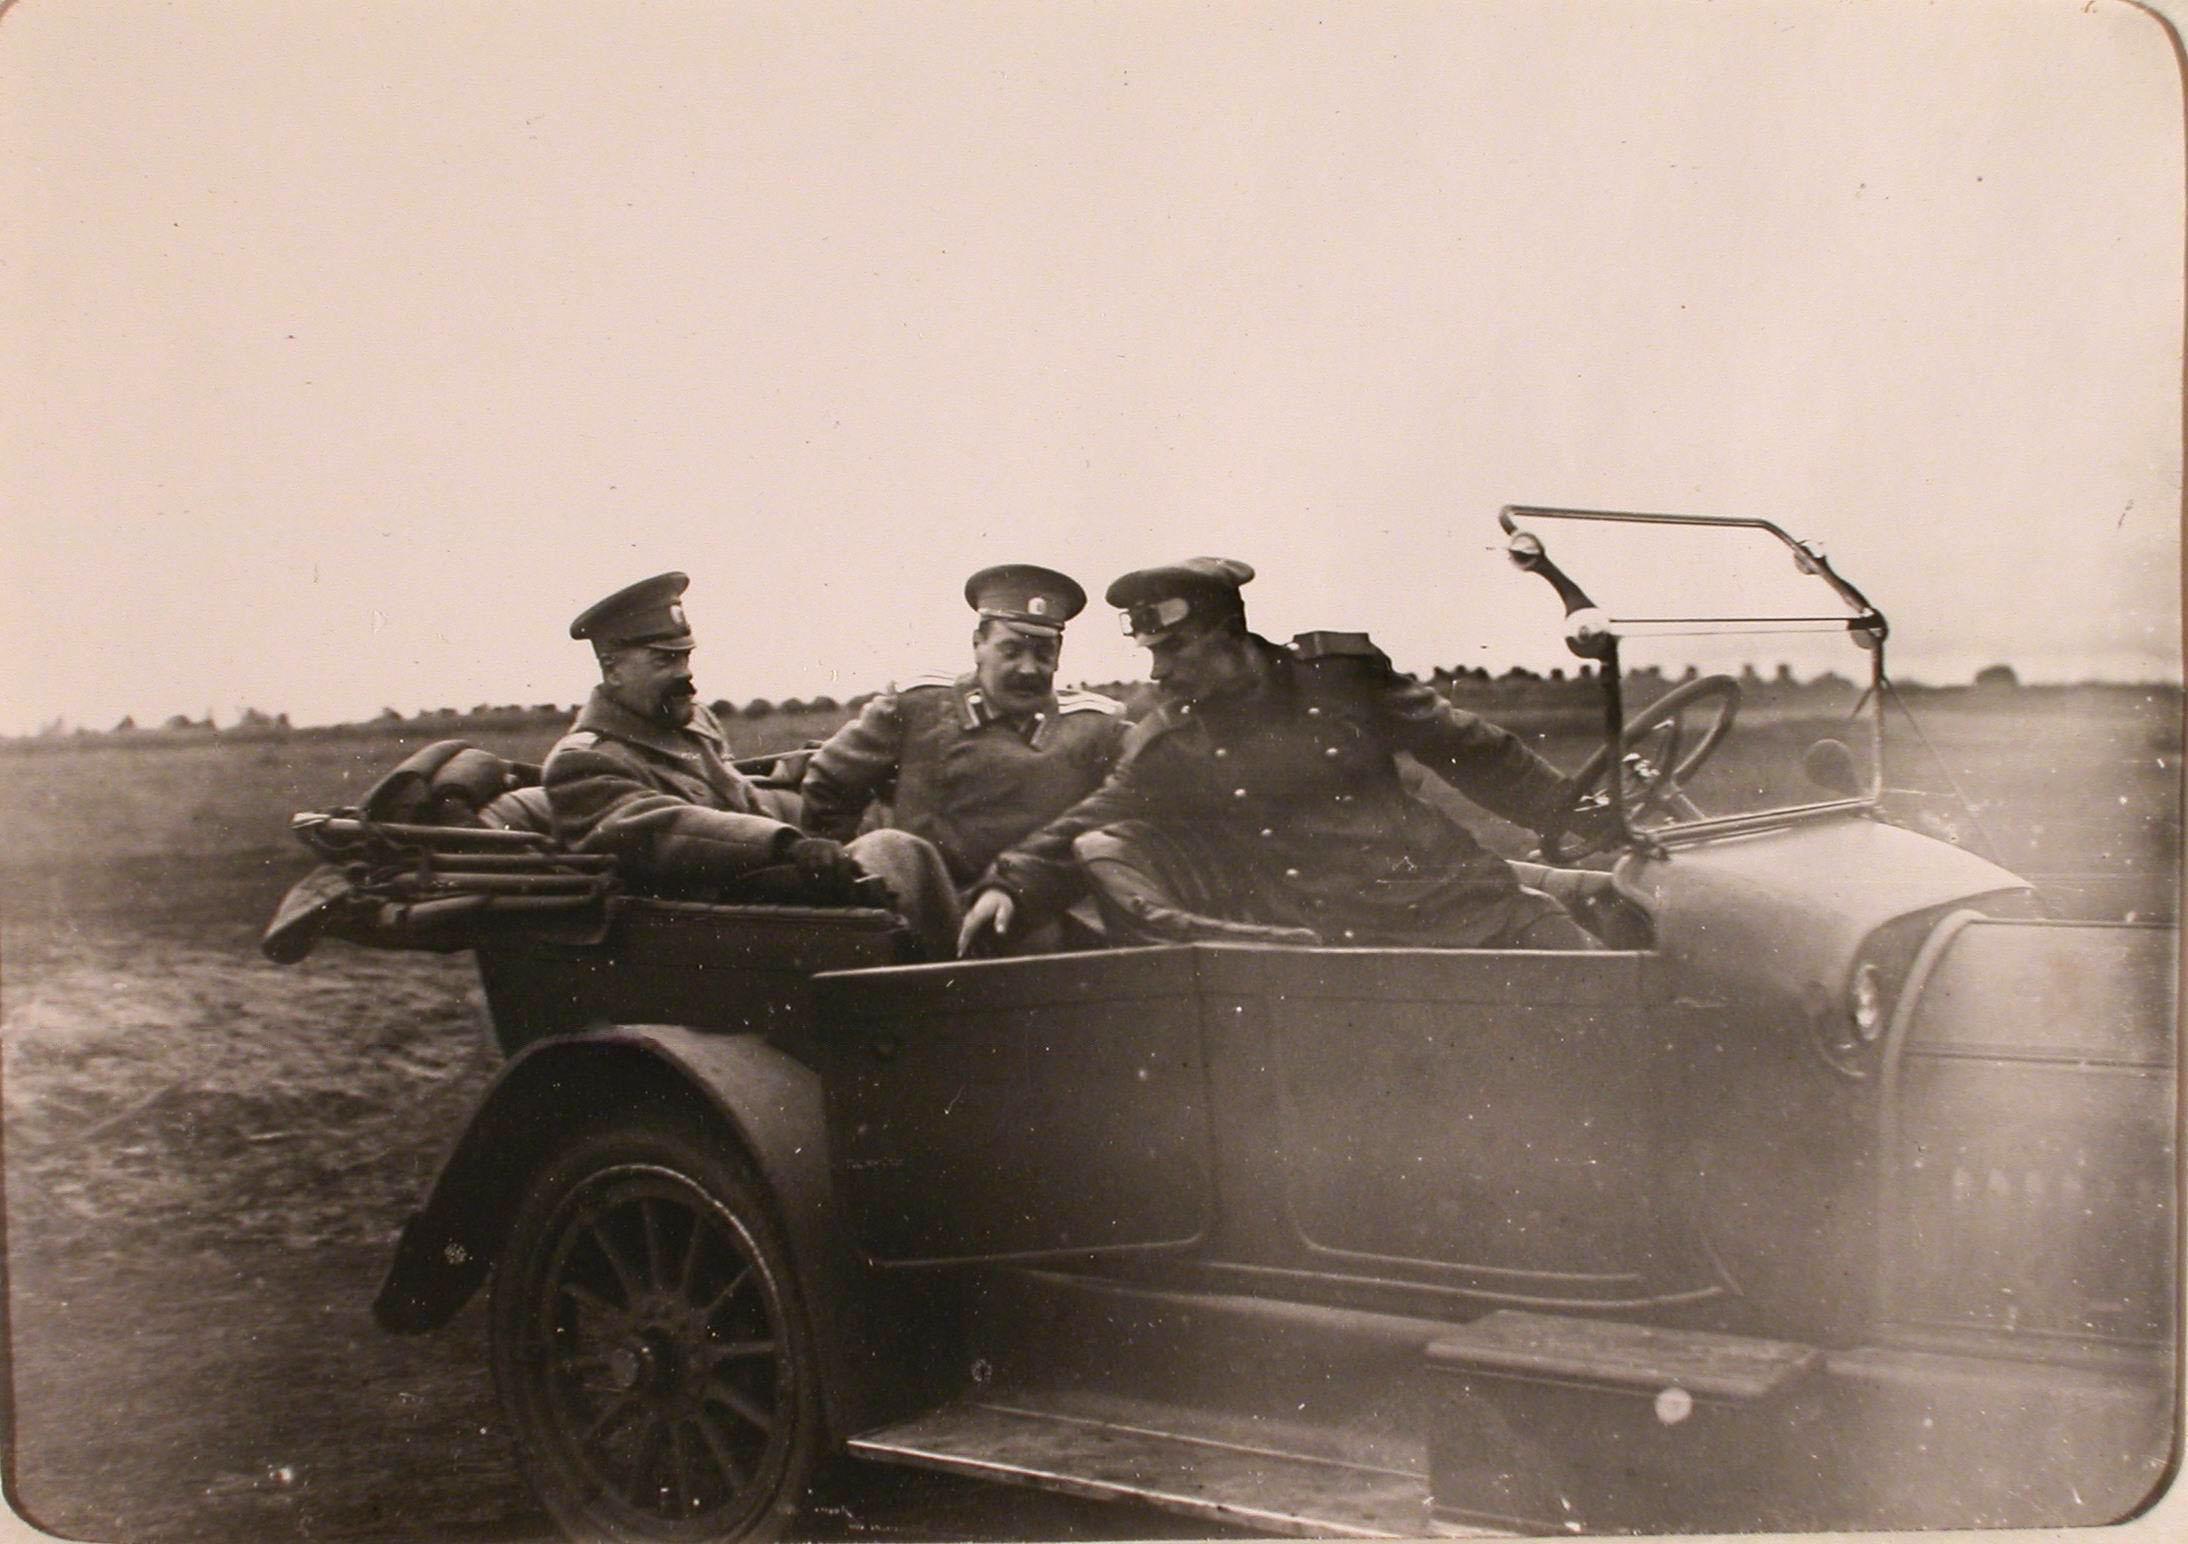 0010Великий князь Александр Михайлович (крайне слева) и сопровождающий его офицер в автомобиле во время приезда на аэродром роты..jpg